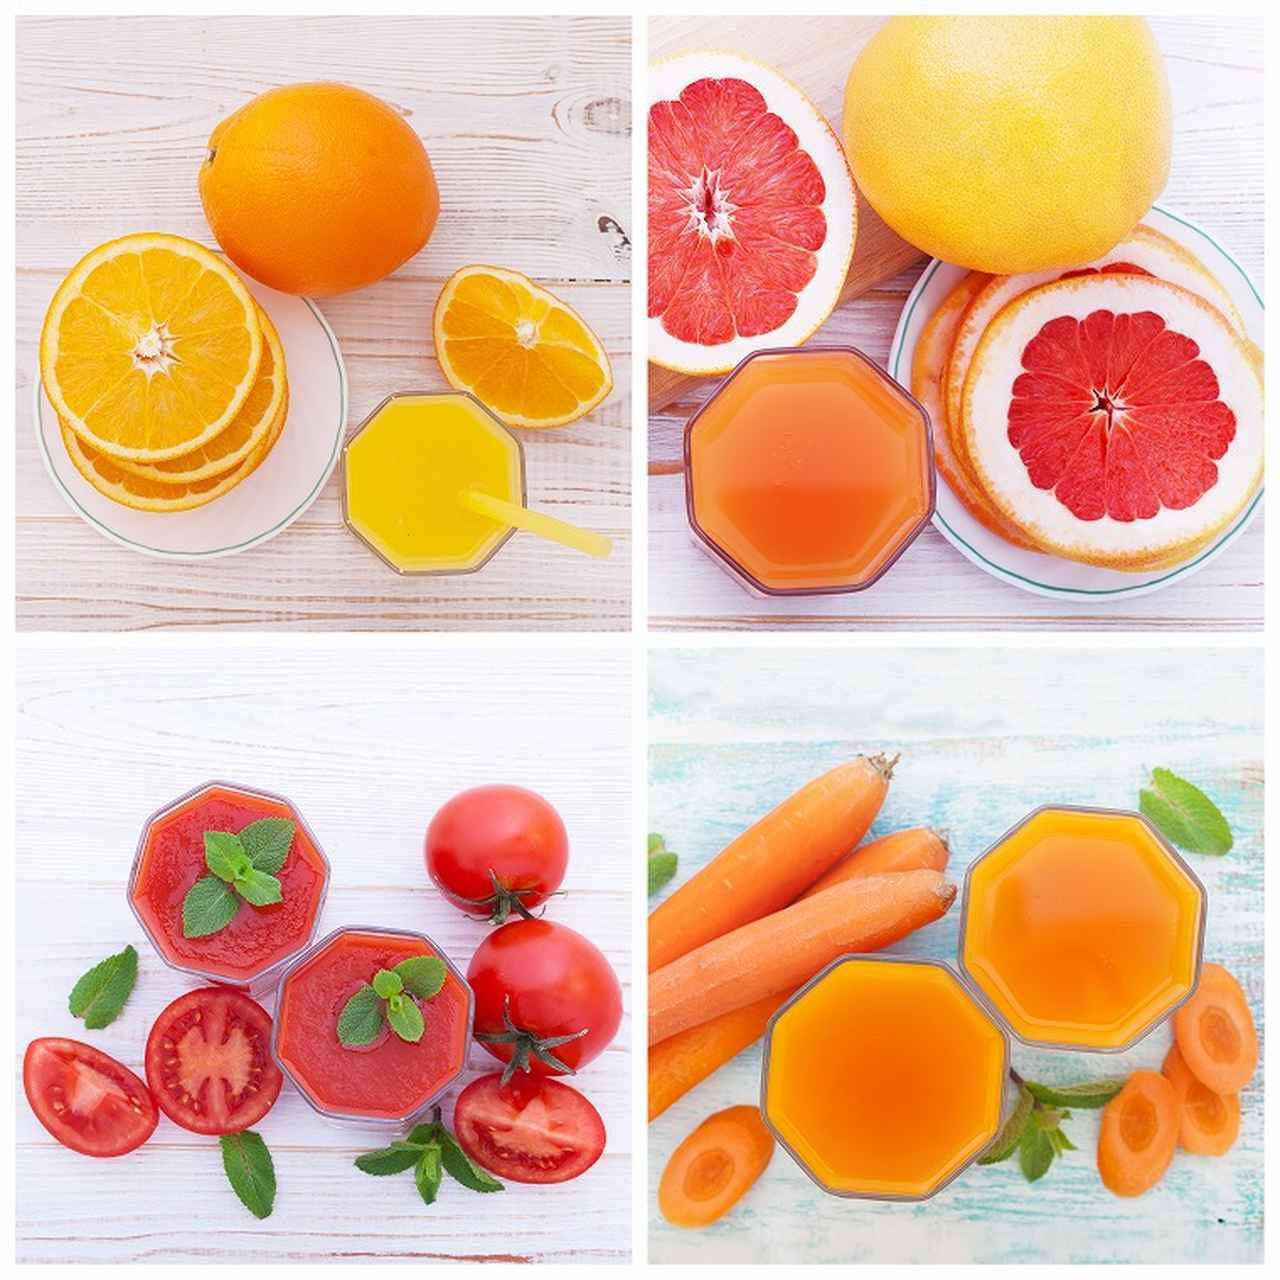 画像: 便秘を改善するトマトジュースの選び方&飲み方